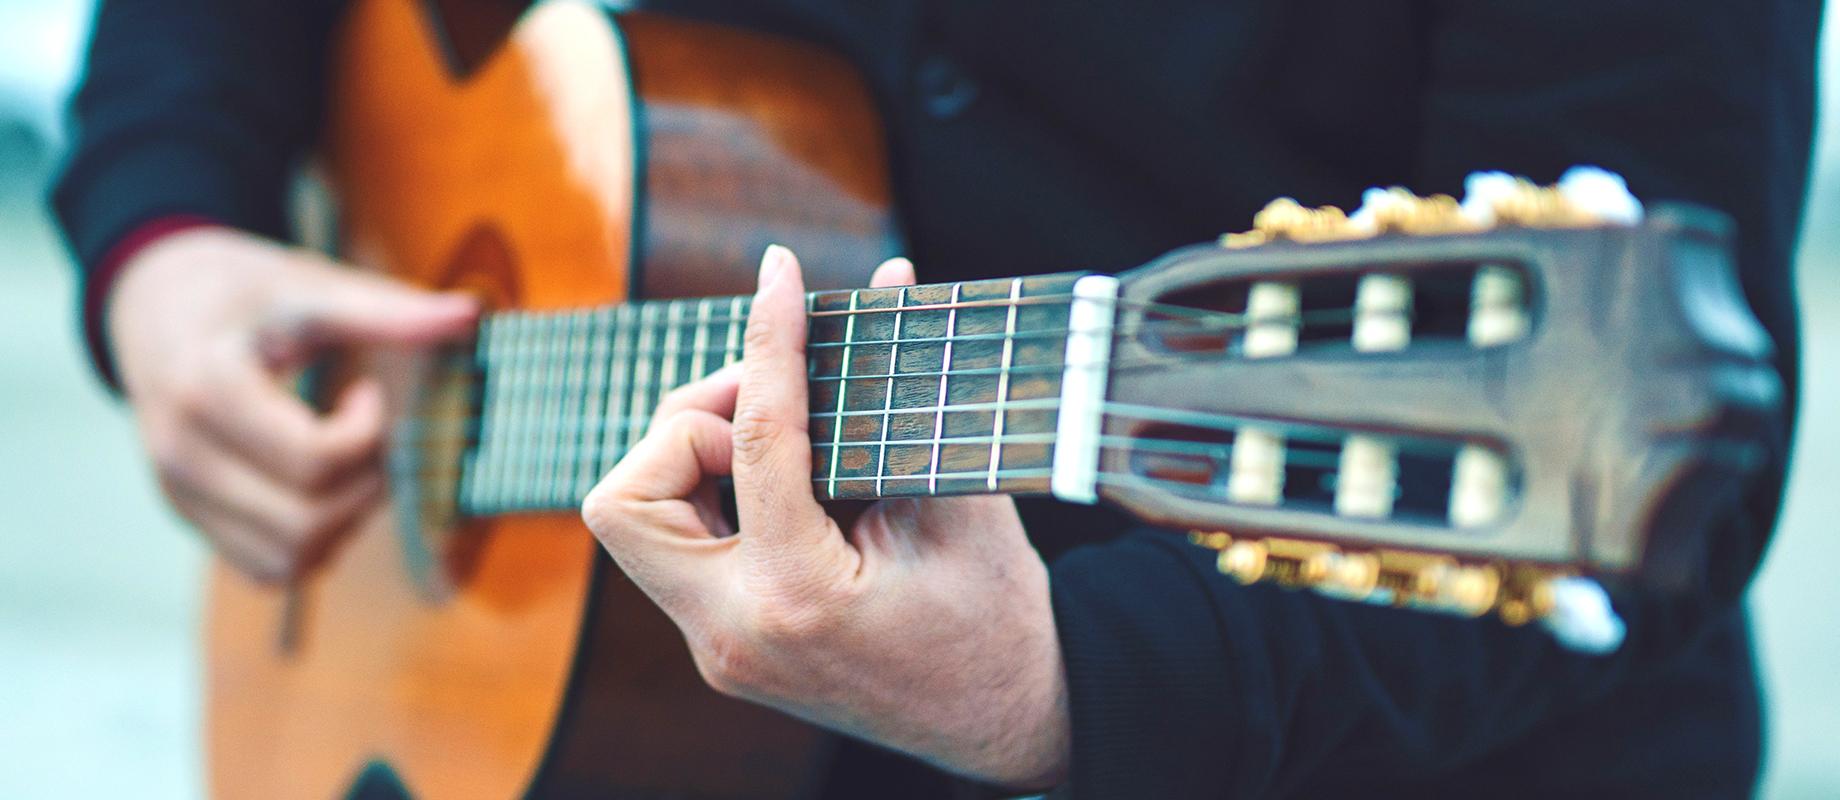 クラシックギター科のレッスン画像